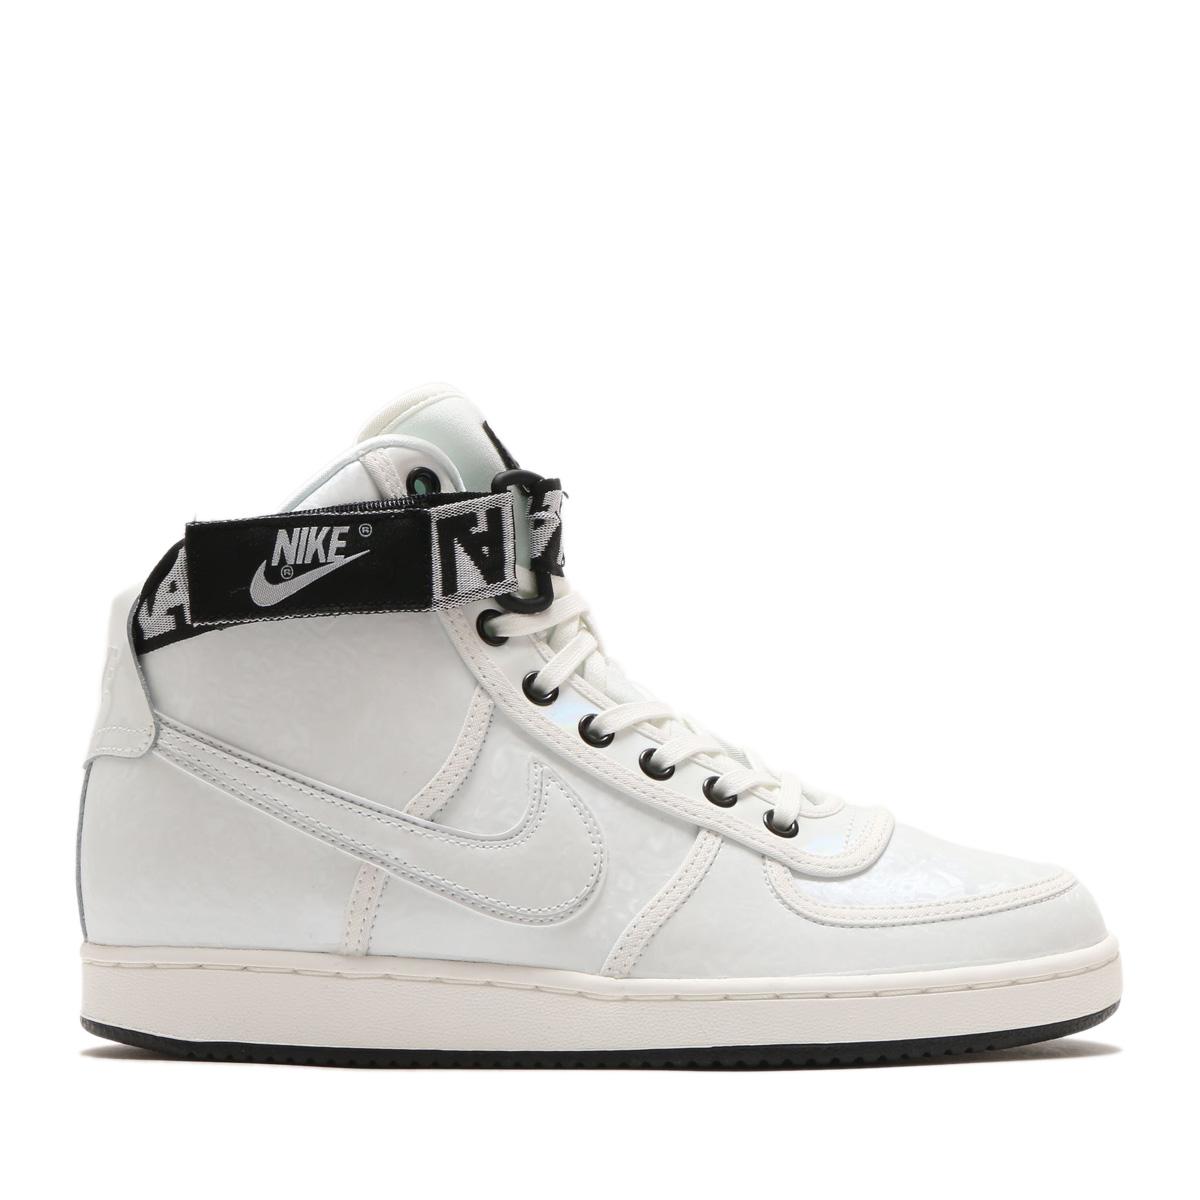 1d43f1c5ed2d3b NIKE W VANDAL HI LX (Nike women Vandal high LX) (SUMMIT WHITE SUMMIT WHITE- BLACK)18SP-S